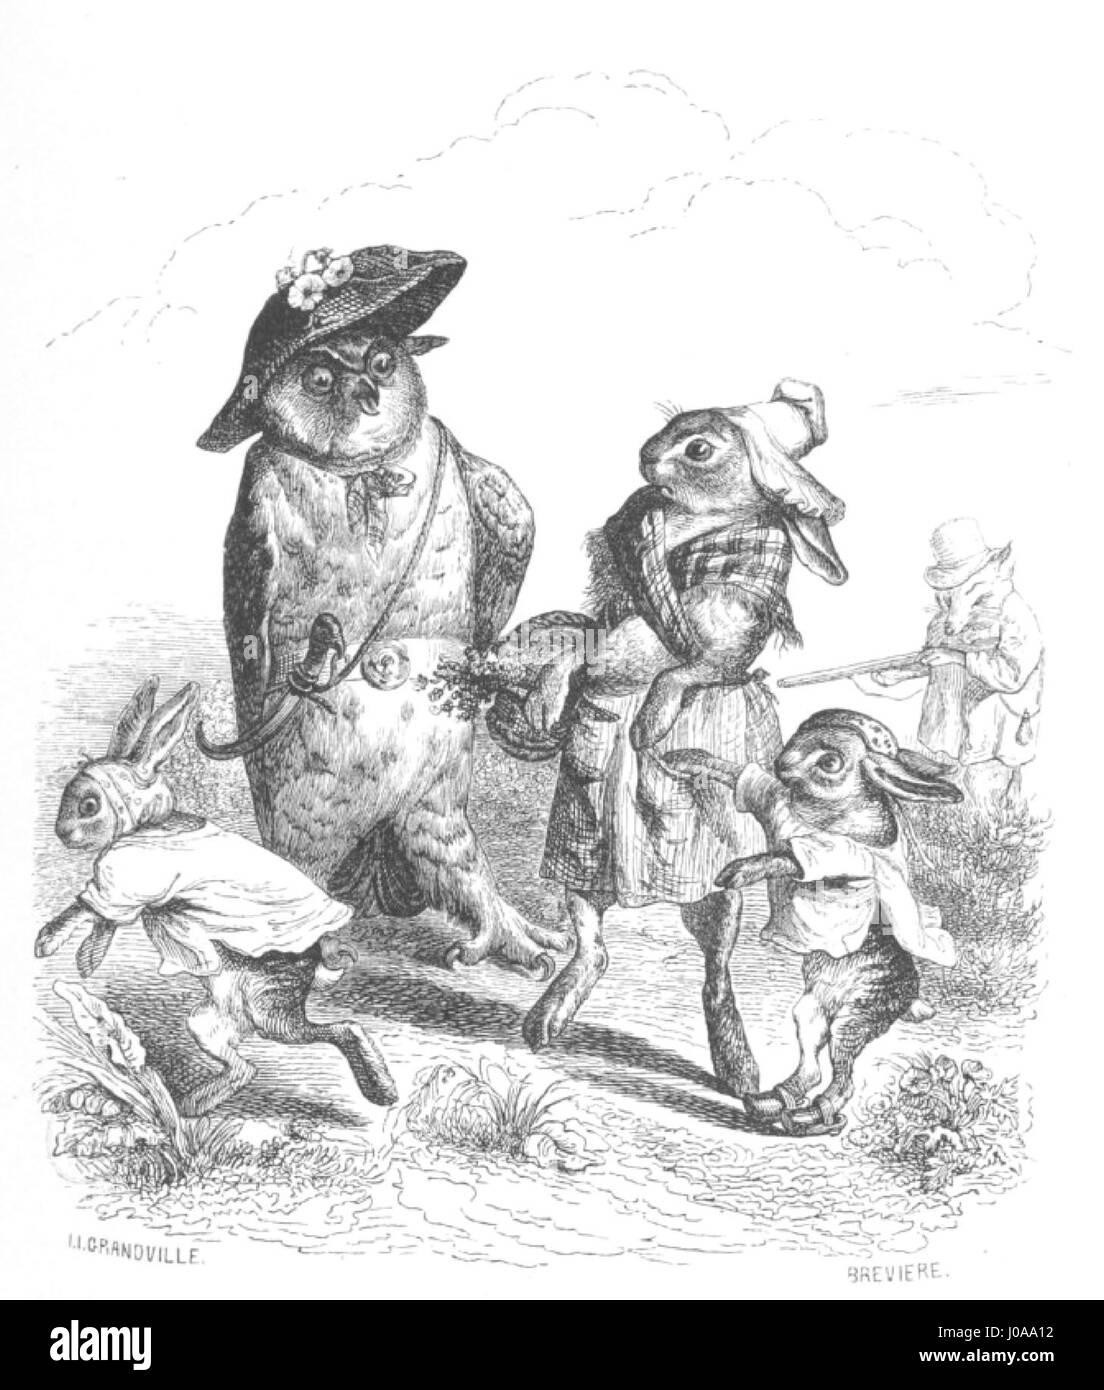 Scènes de la vie privée et publique des animaux, tome 1 0089 - Stock Image